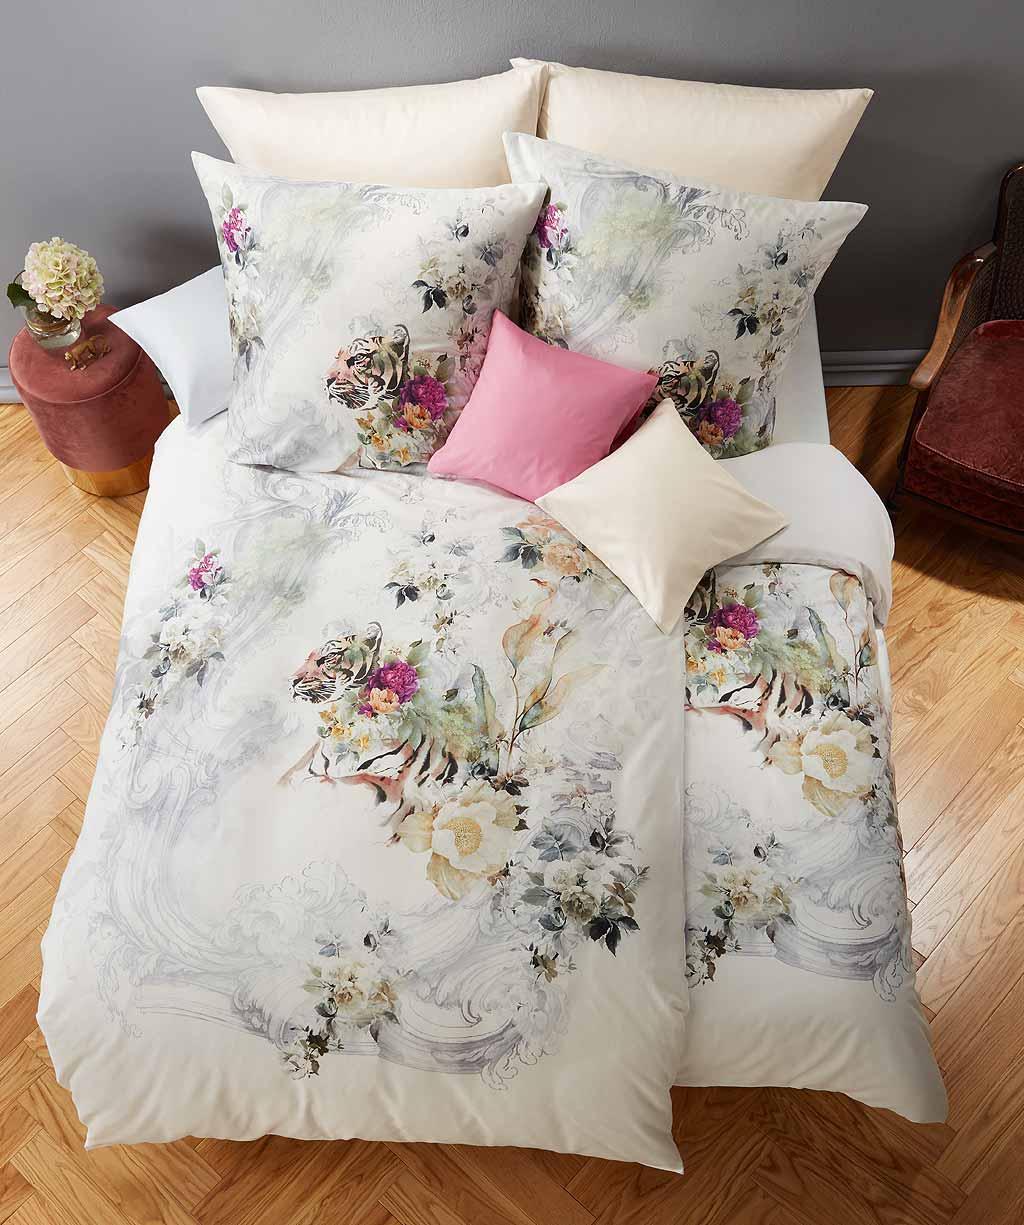 Hochwertige Digitaldruck Bettwäsche mit Tiger und Blumen verziert